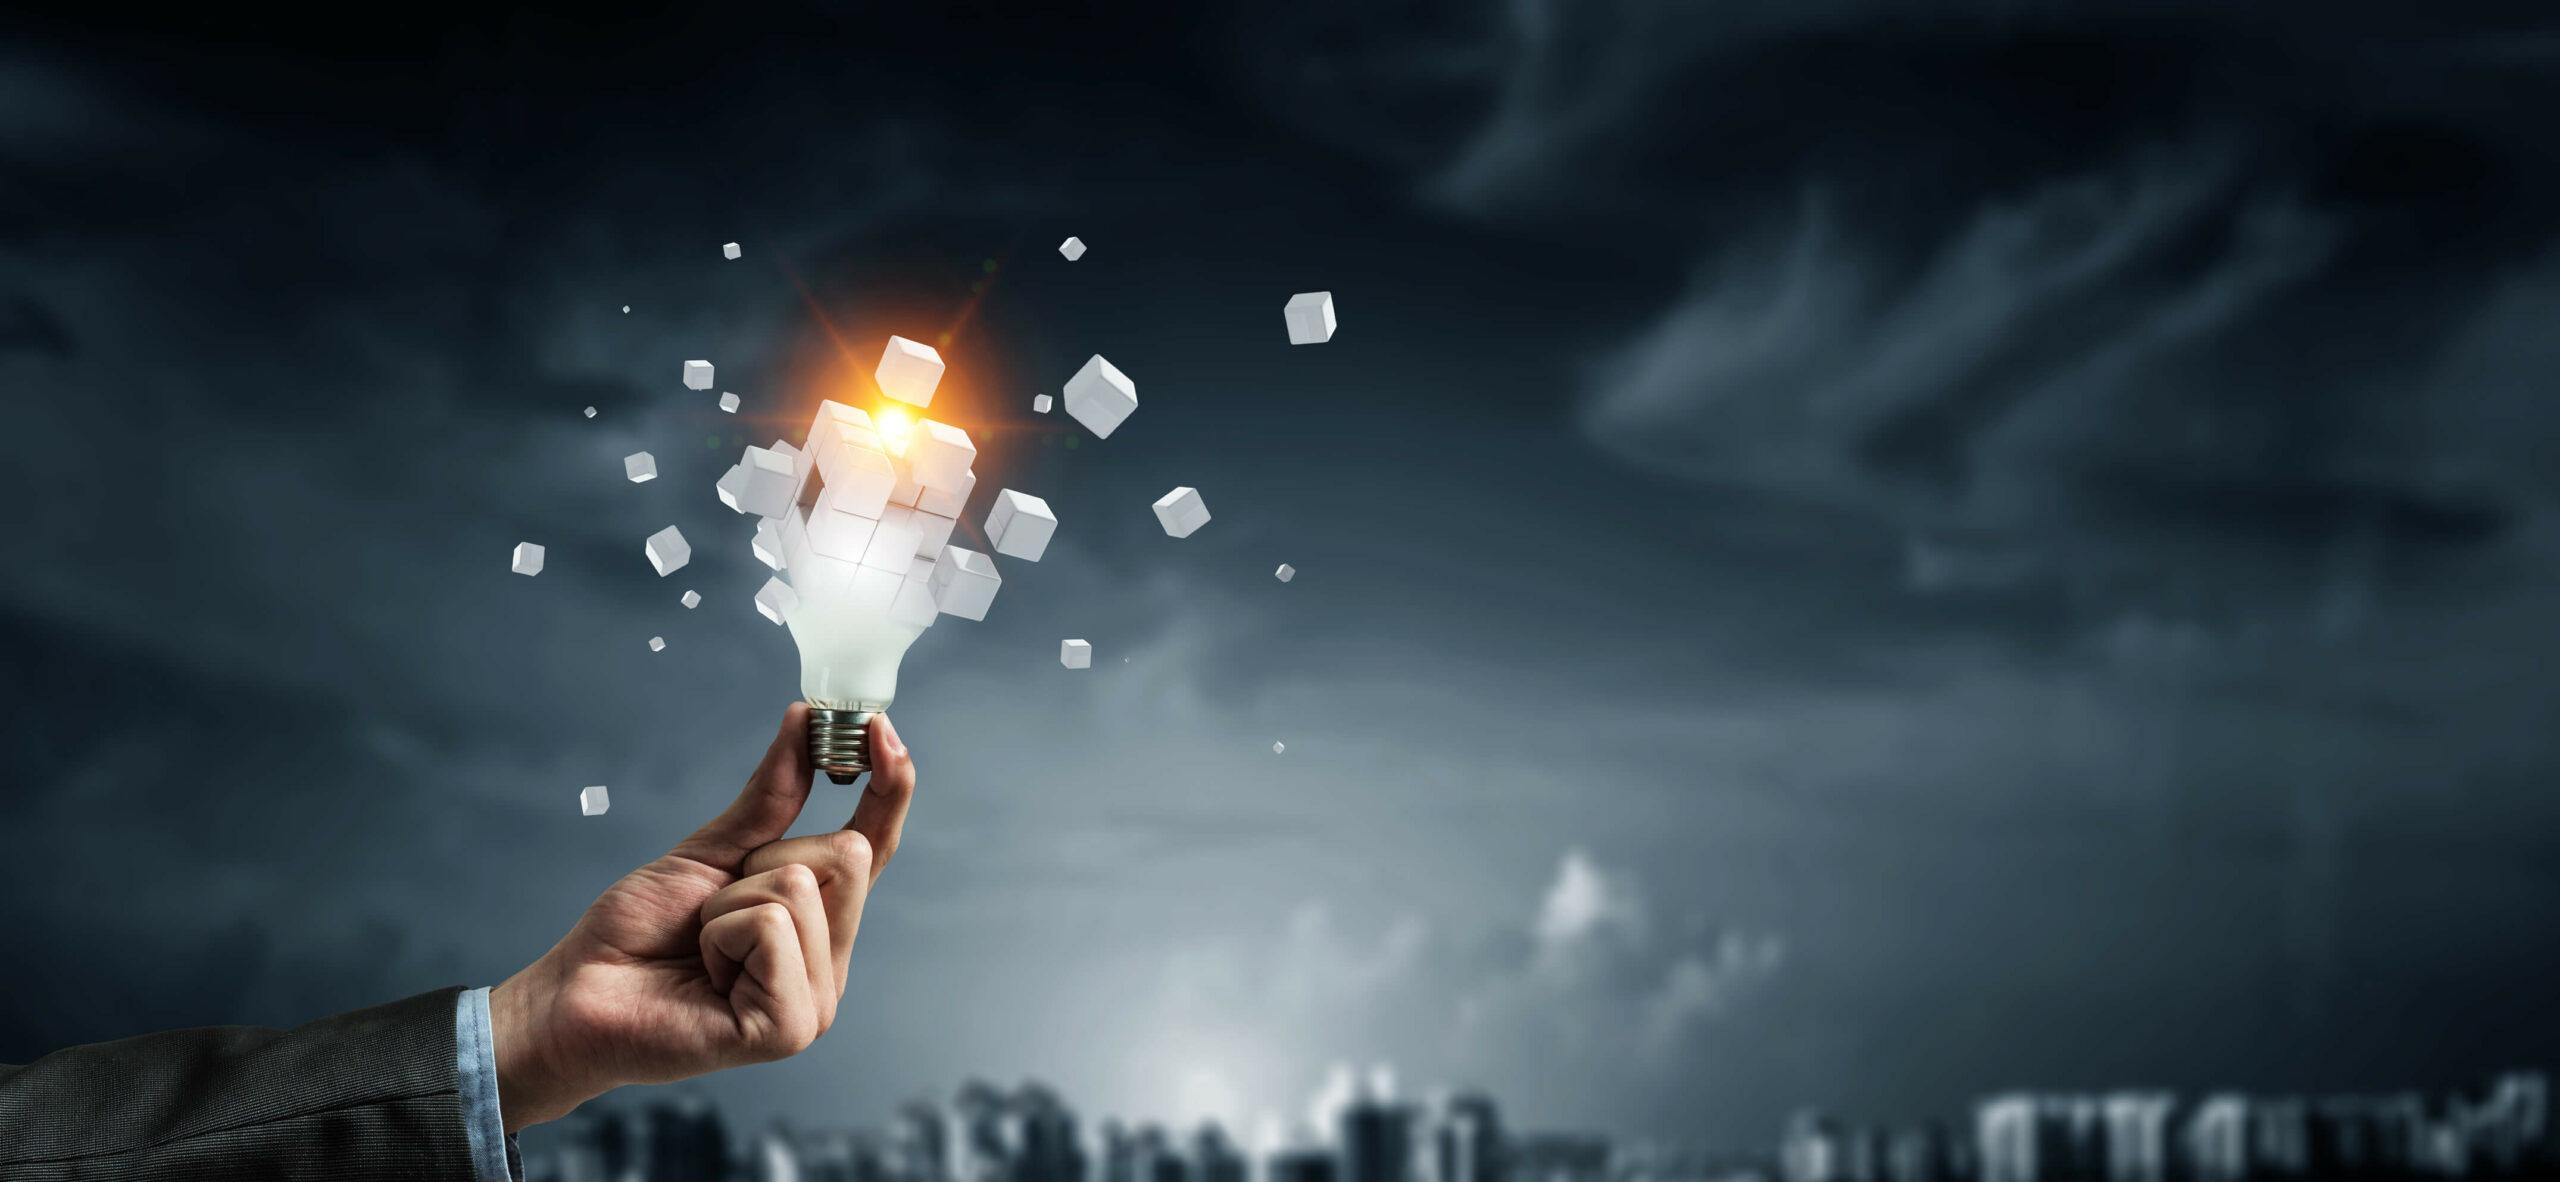 Erfolgreich gründen in der Industrie 4.0: Unternehmensziele richtig definieren